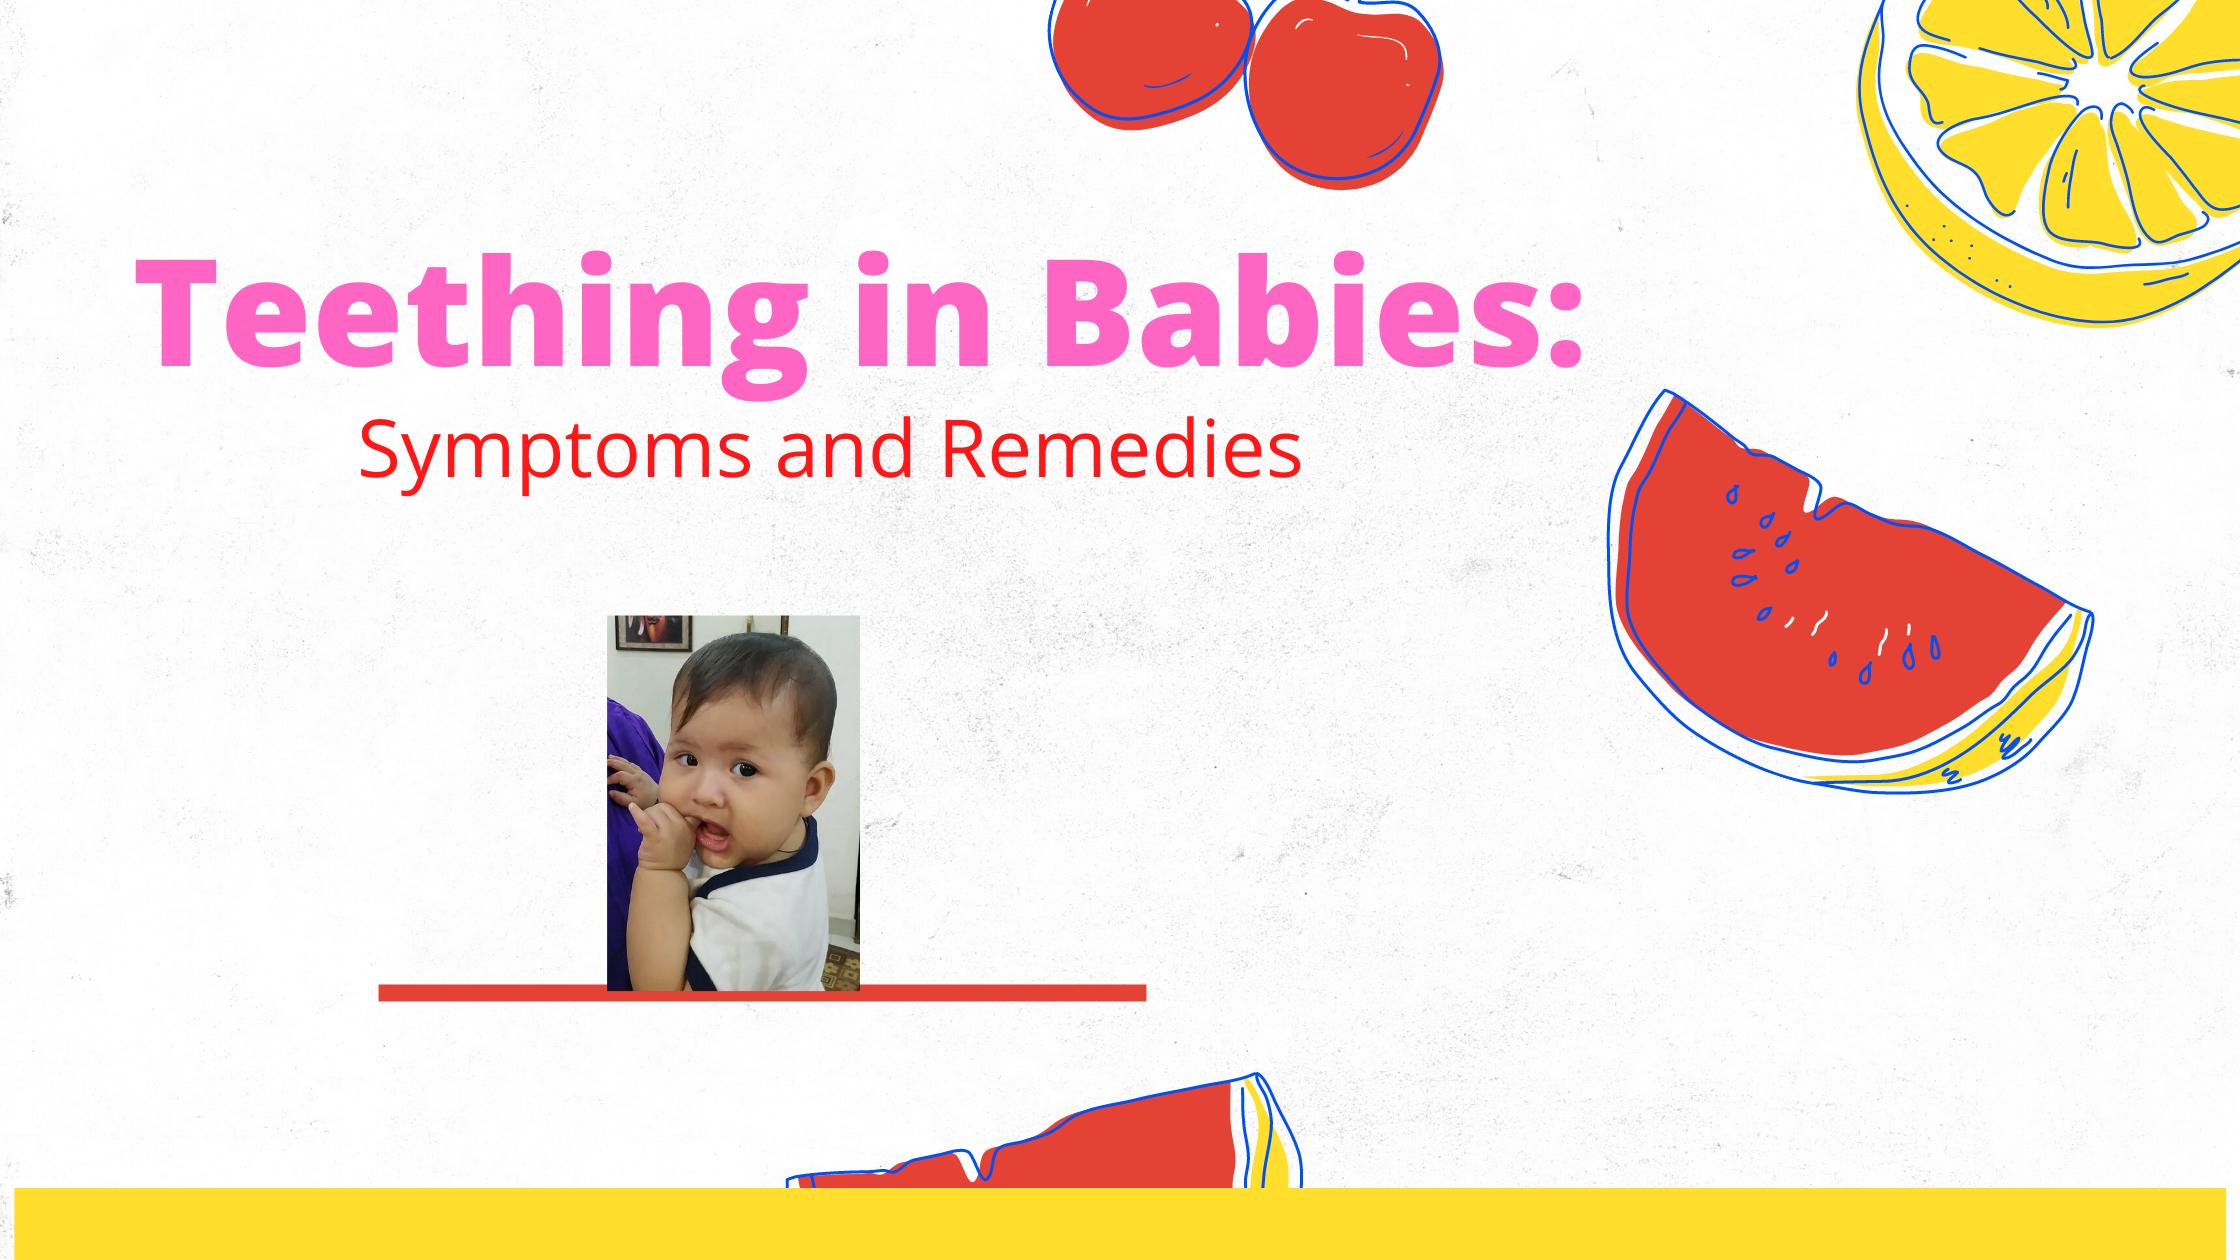 Teething in Babies: Symptoms and remedies